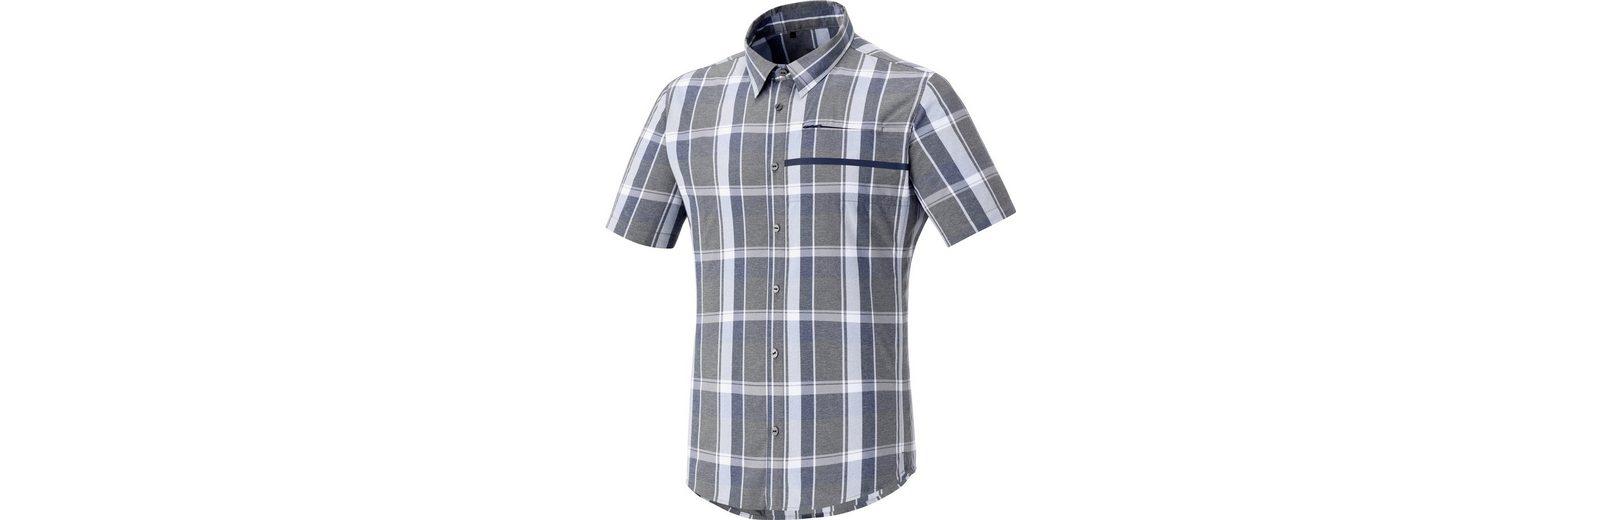 Shimano T-Shirt Transit Short Sleeve Check Button Up Shirt Men Manchester Großer Verkauf ld5UMBq